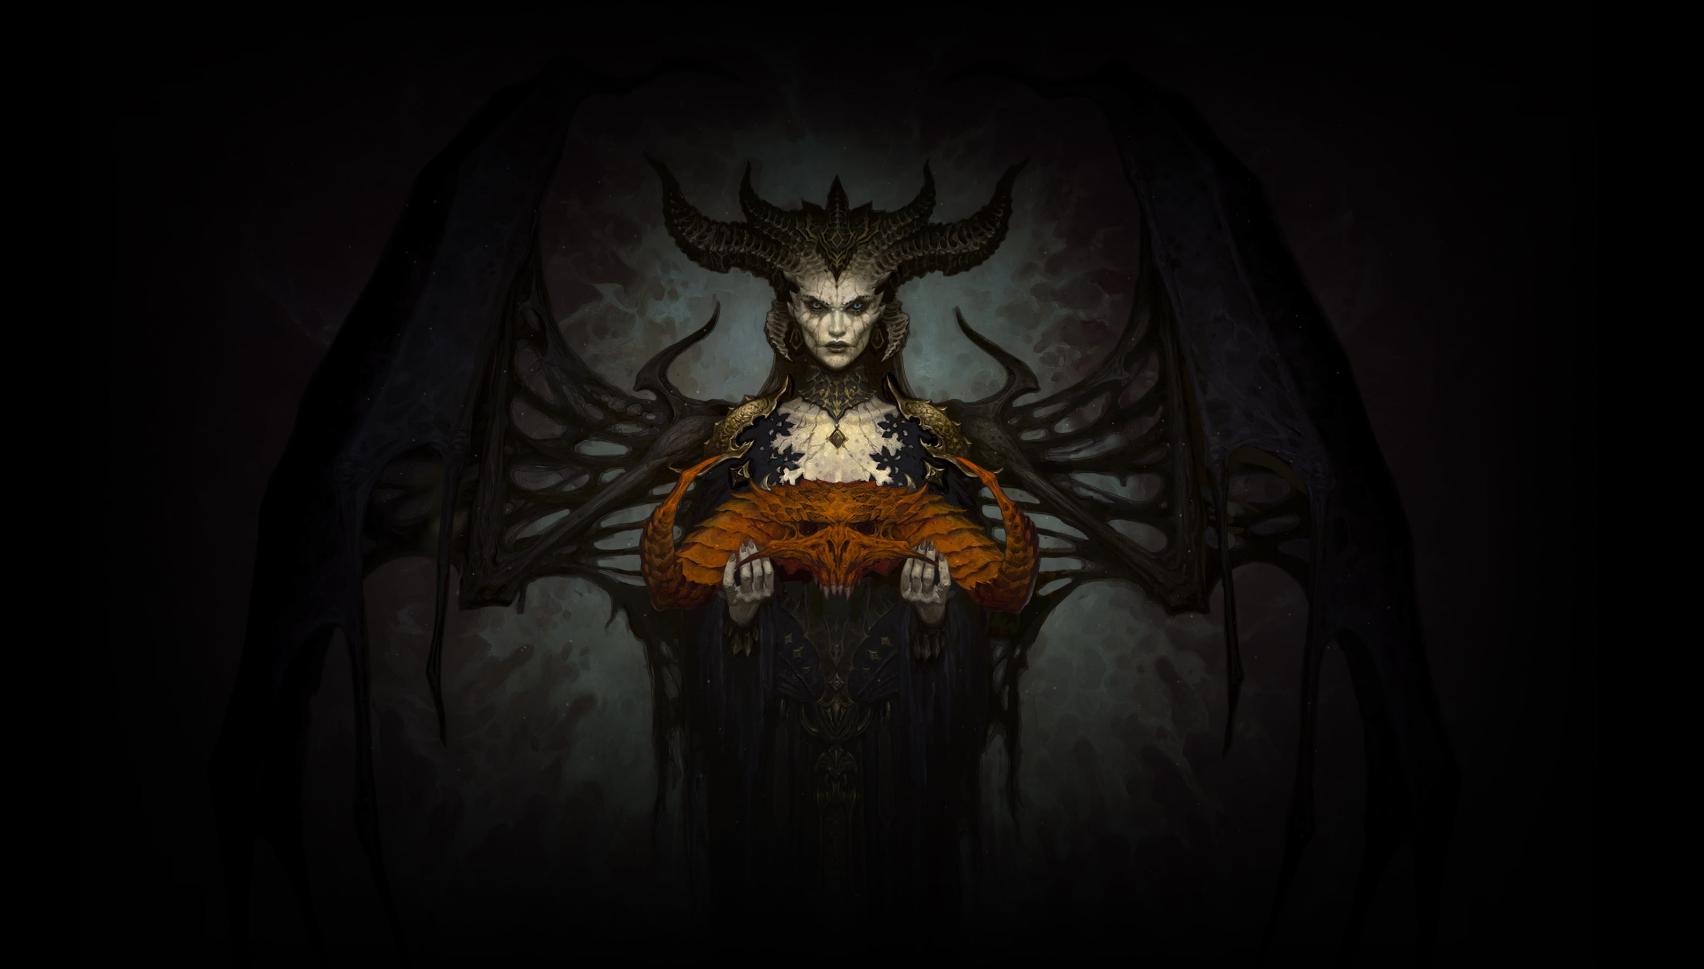 Инсайдер: на BlizzConline покажут ремастер Diablo 2 и мобильную игру по World of Warcraft